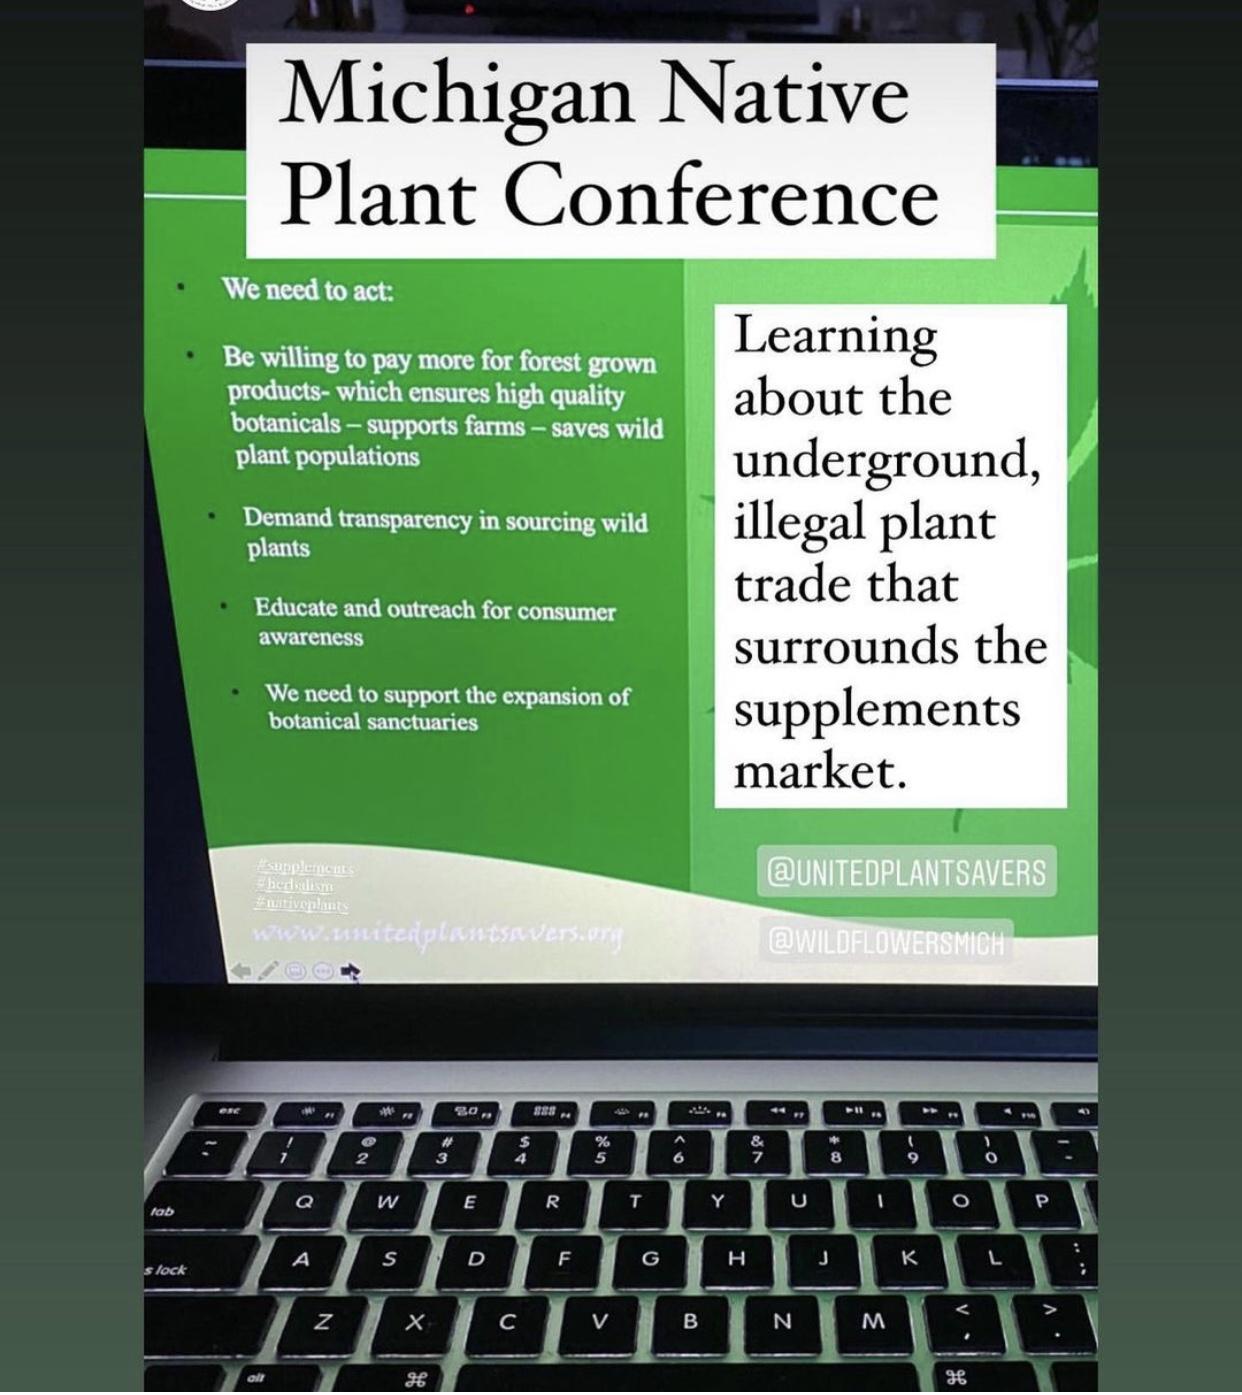 4th Annual Michigan Native Plant Conference